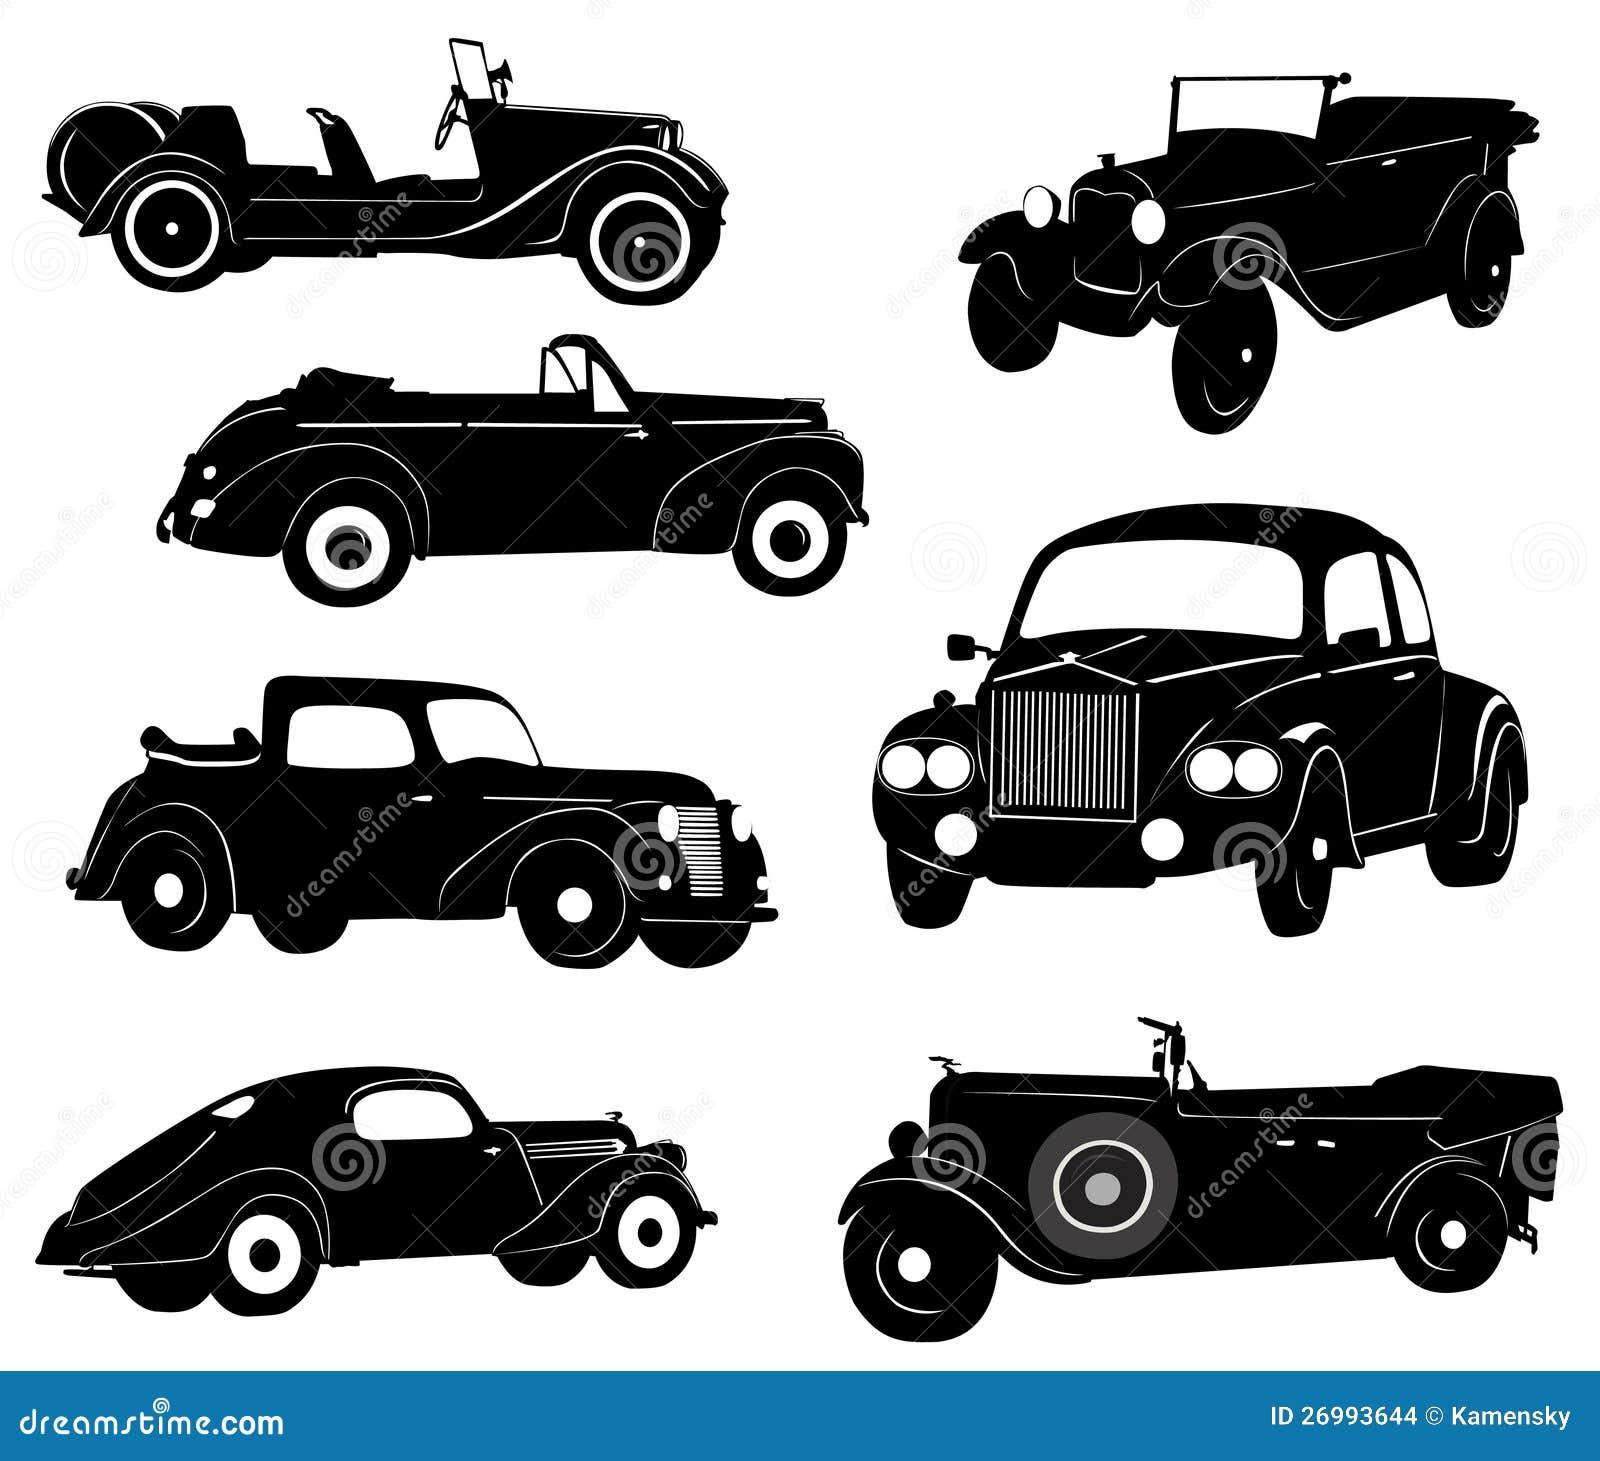 Artculos similares a Placa automvil vintage, Vintage